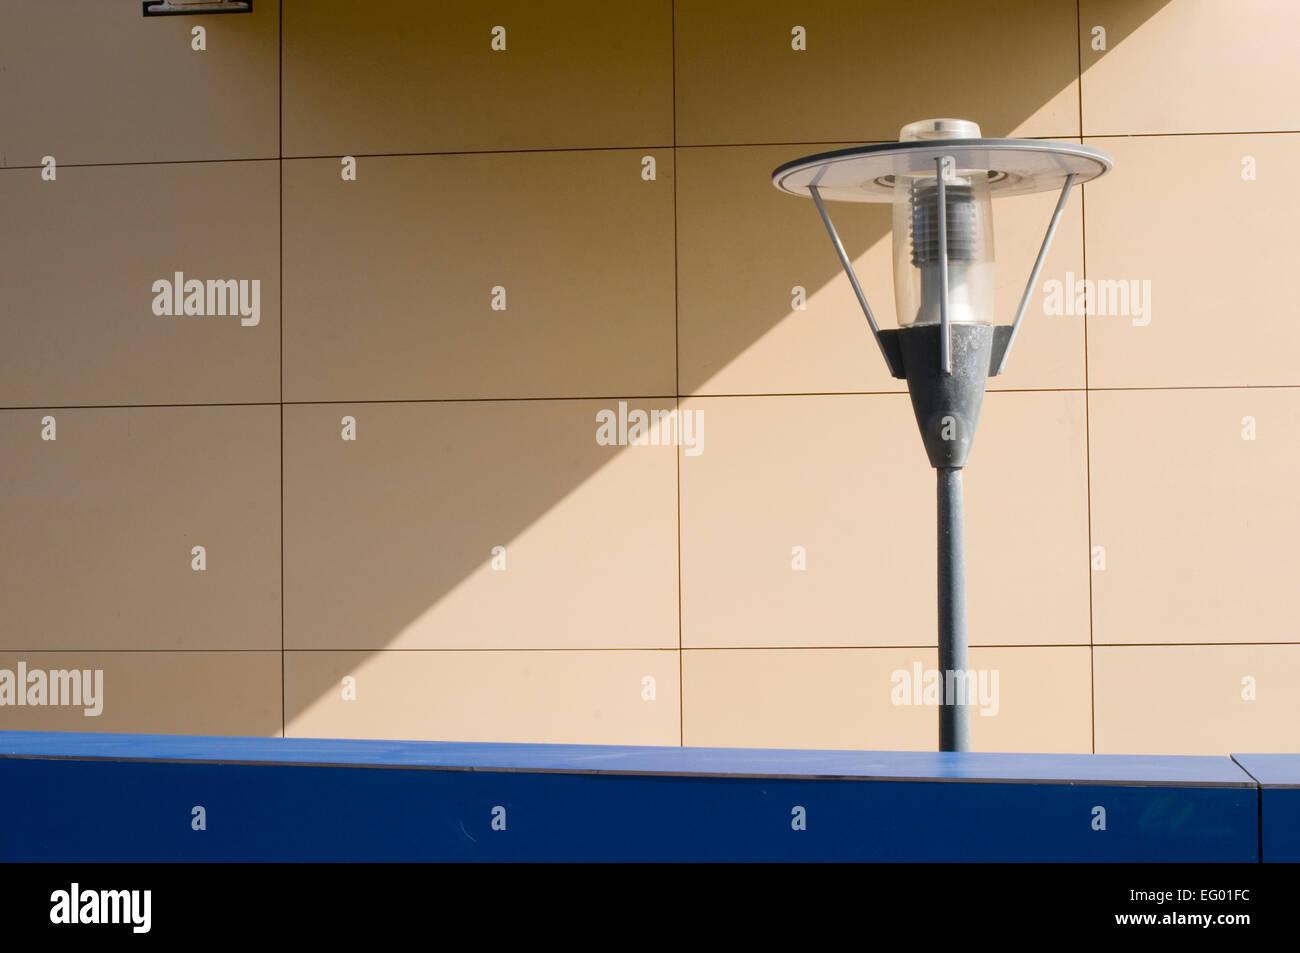 Contemporary Designs Stockfotos & Contemporary Designs Bilder - Alamy